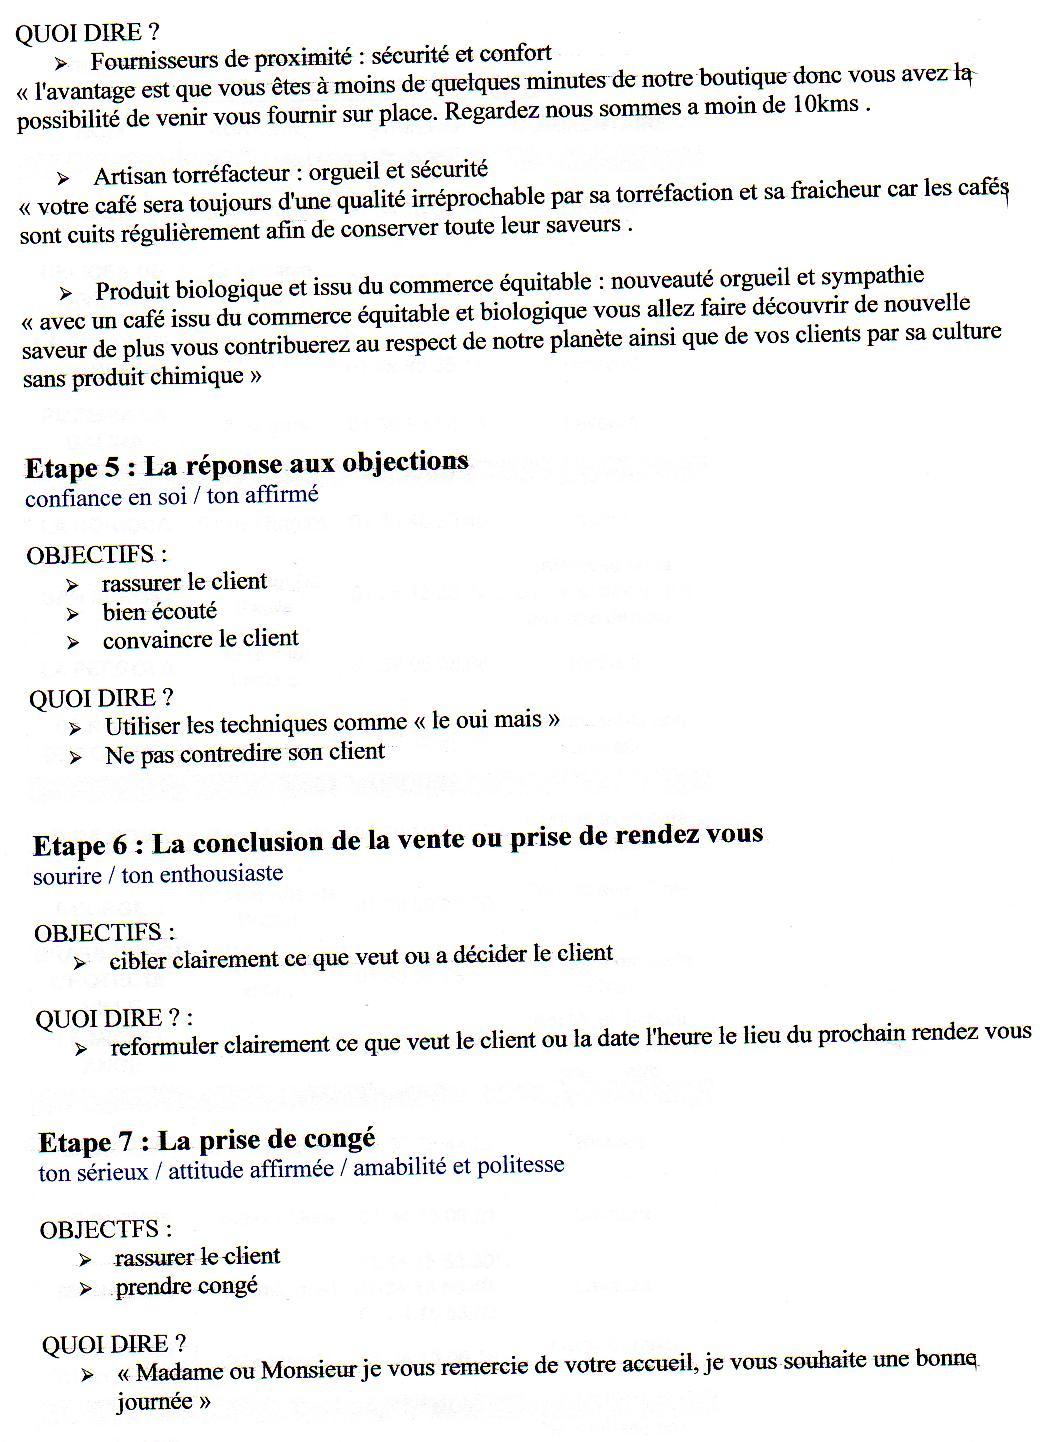 Fiche Négociation Bac Pro Vente Exemple - Exemple de Groupes